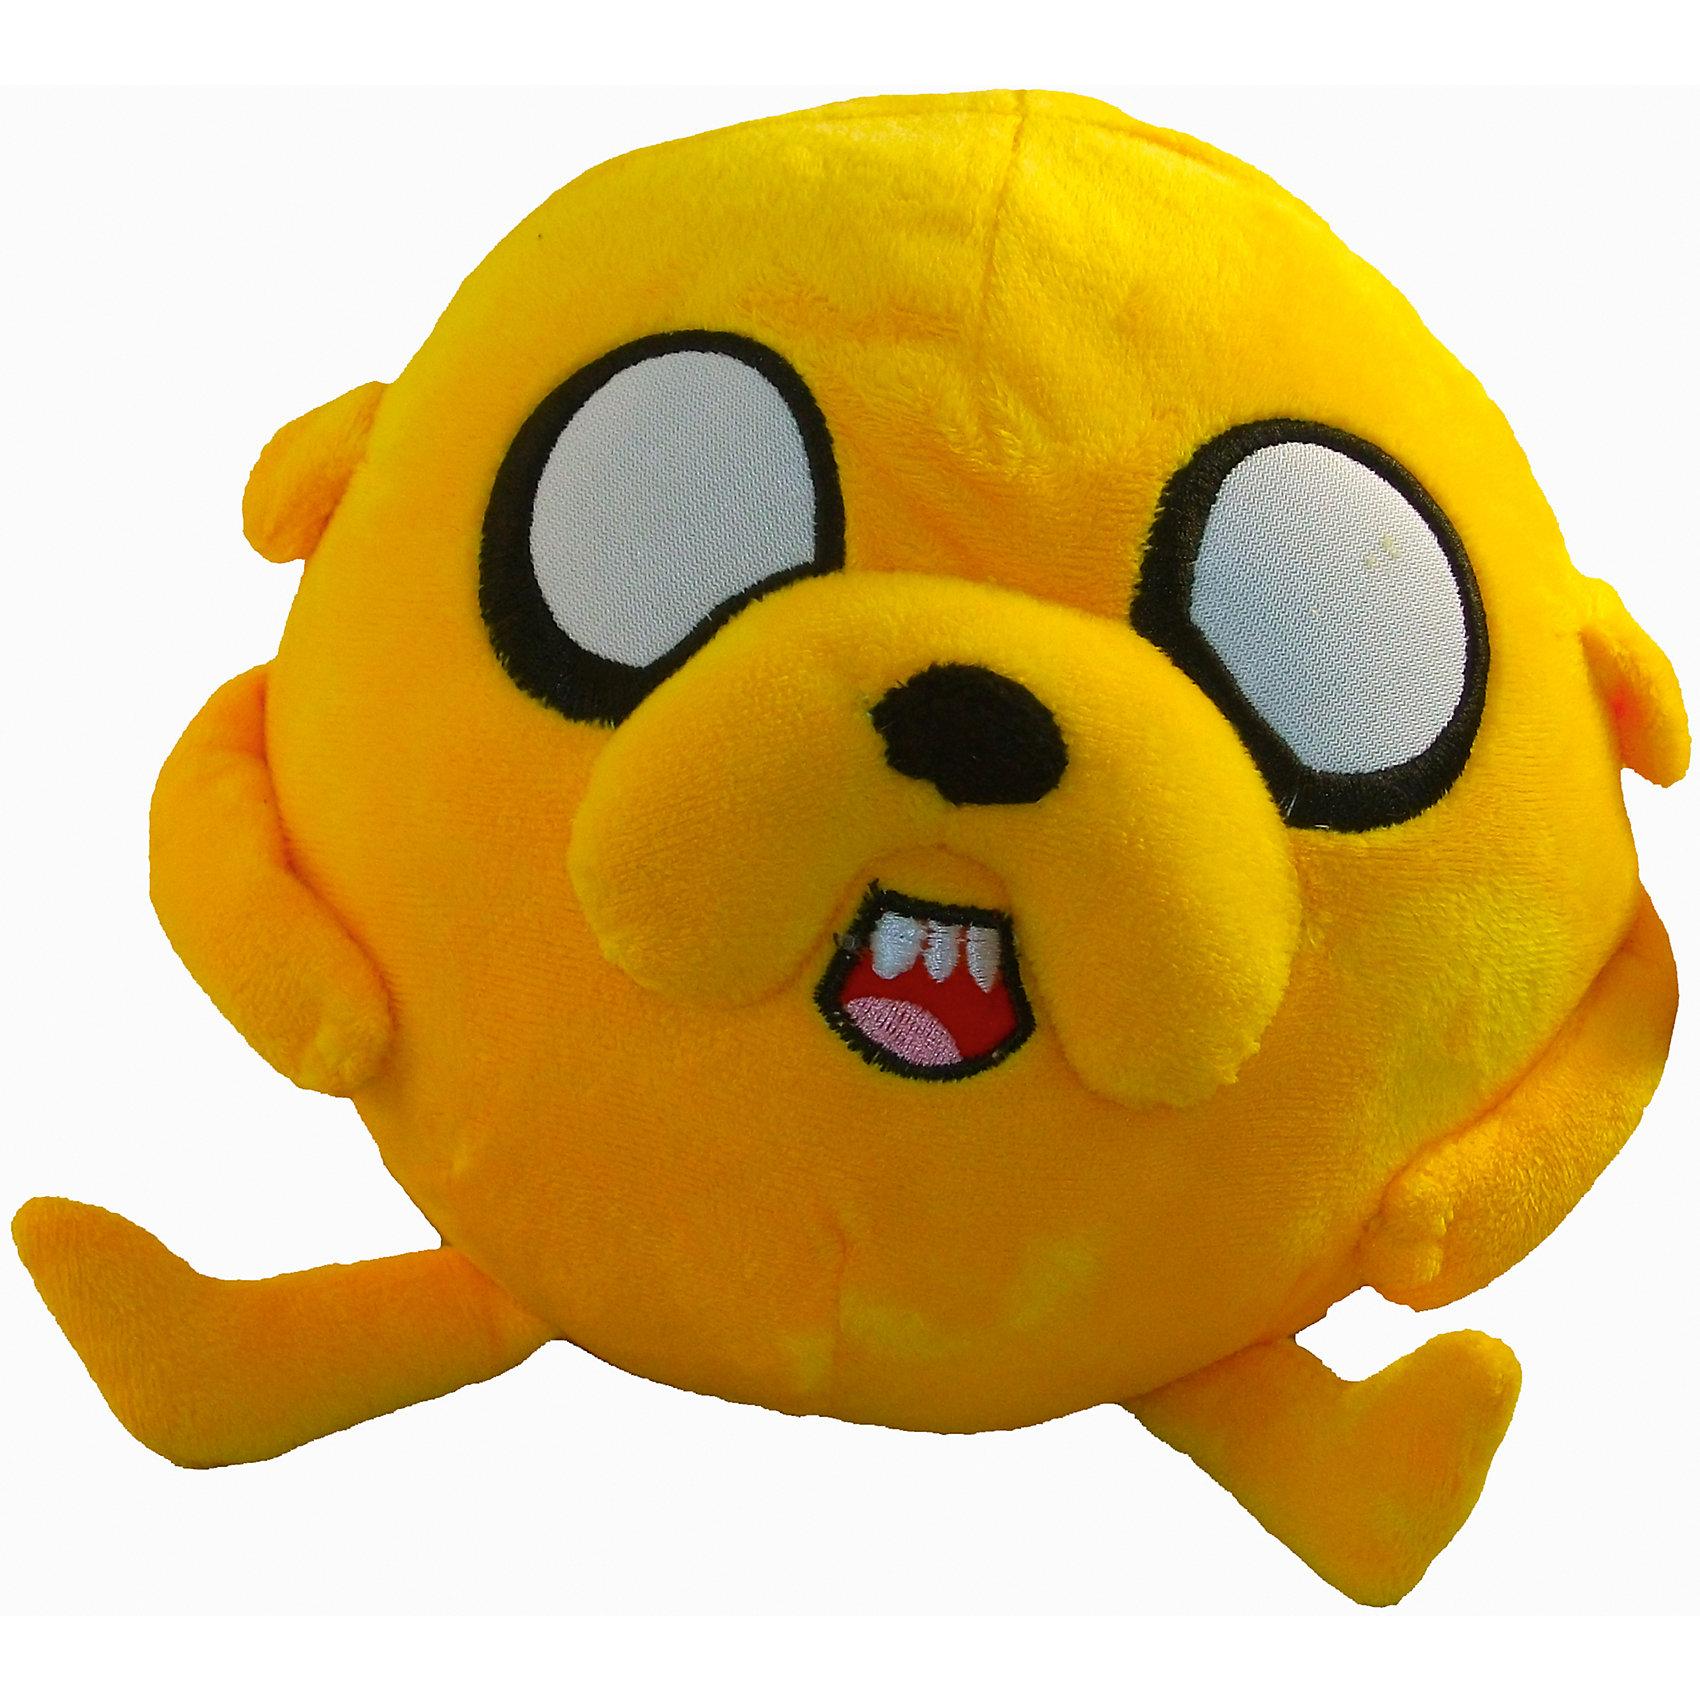 Игрушка Джейк, 18 см, Время приключенийИгрушка Джейк, 18 см, Время приключений - это мягкая, забавная игрушка мячик Джейк для поклонника мультсериала Время Приключений!<br>Игрушка Джейк создана по мотивам мультсериала Adventure Time (Приключения с Финном и Джейком). Плюшевая игрушка в виде мягкого мяча понравится не только малышу, но и любому человеку, ценящему чувство юмора и оригинальность. У мягкого мяча Джейка есть множество полезных достоинств. Им можно играть в футбол в квартире, а можно использовать как подушку. У круглого Джейка все на месте - уши, лапы и хвост небольшого размера смешно дергаются, а передние лапы пришиты к телу.<br><br>Дополнительная информация:<br><br>- Размер: 18 см.<br>- Материал: плюш<br><br>Игрушку Джейк, 18 см, Время приключений можно купить в нашем интернет-магазине.<br><br>Ширина мм: 180<br>Глубина мм: 180<br>Высота мм: 180<br>Вес г: 250<br>Возраст от месяцев: 108<br>Возраст до месяцев: 144<br>Пол: Унисекс<br>Возраст: Детский<br>SKU: 4293061